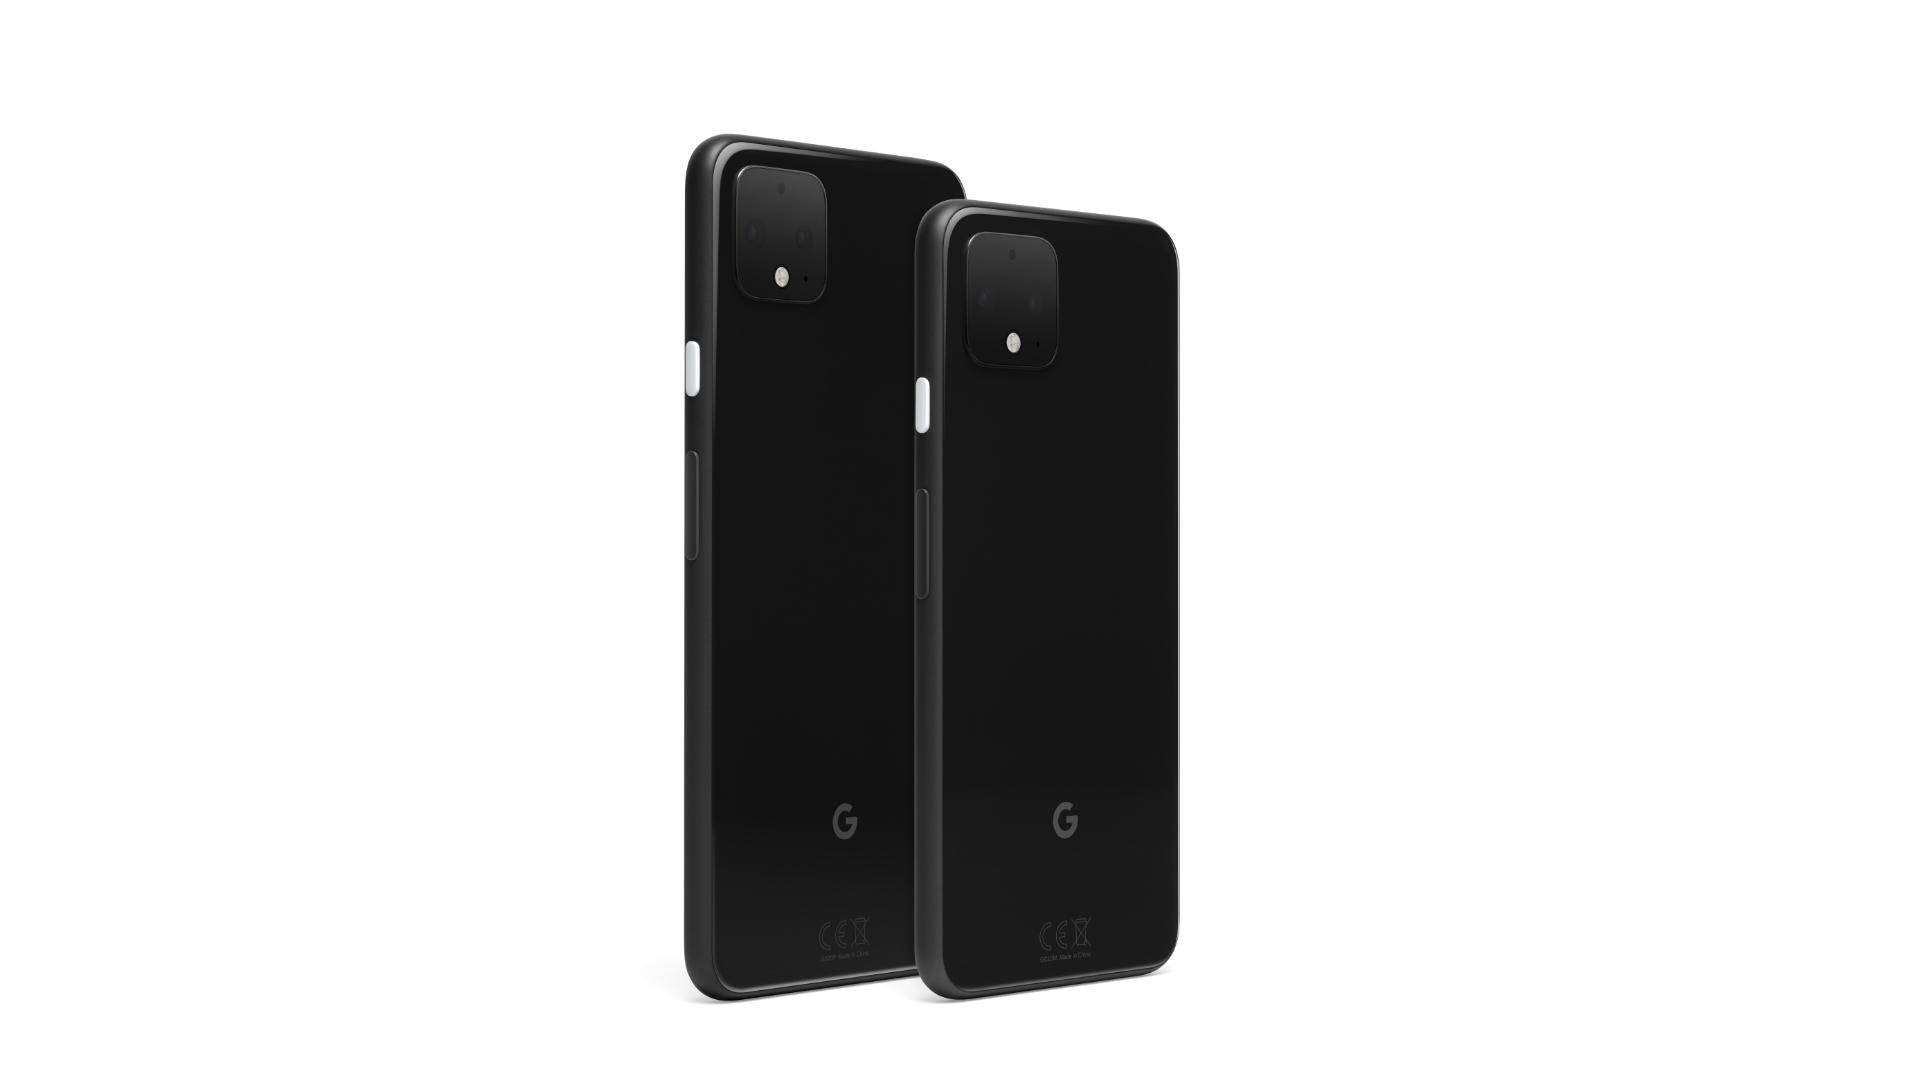 Google annonce les Pixel 4 et Pixel 4 XL : caractéristiques, prix et date de sortie